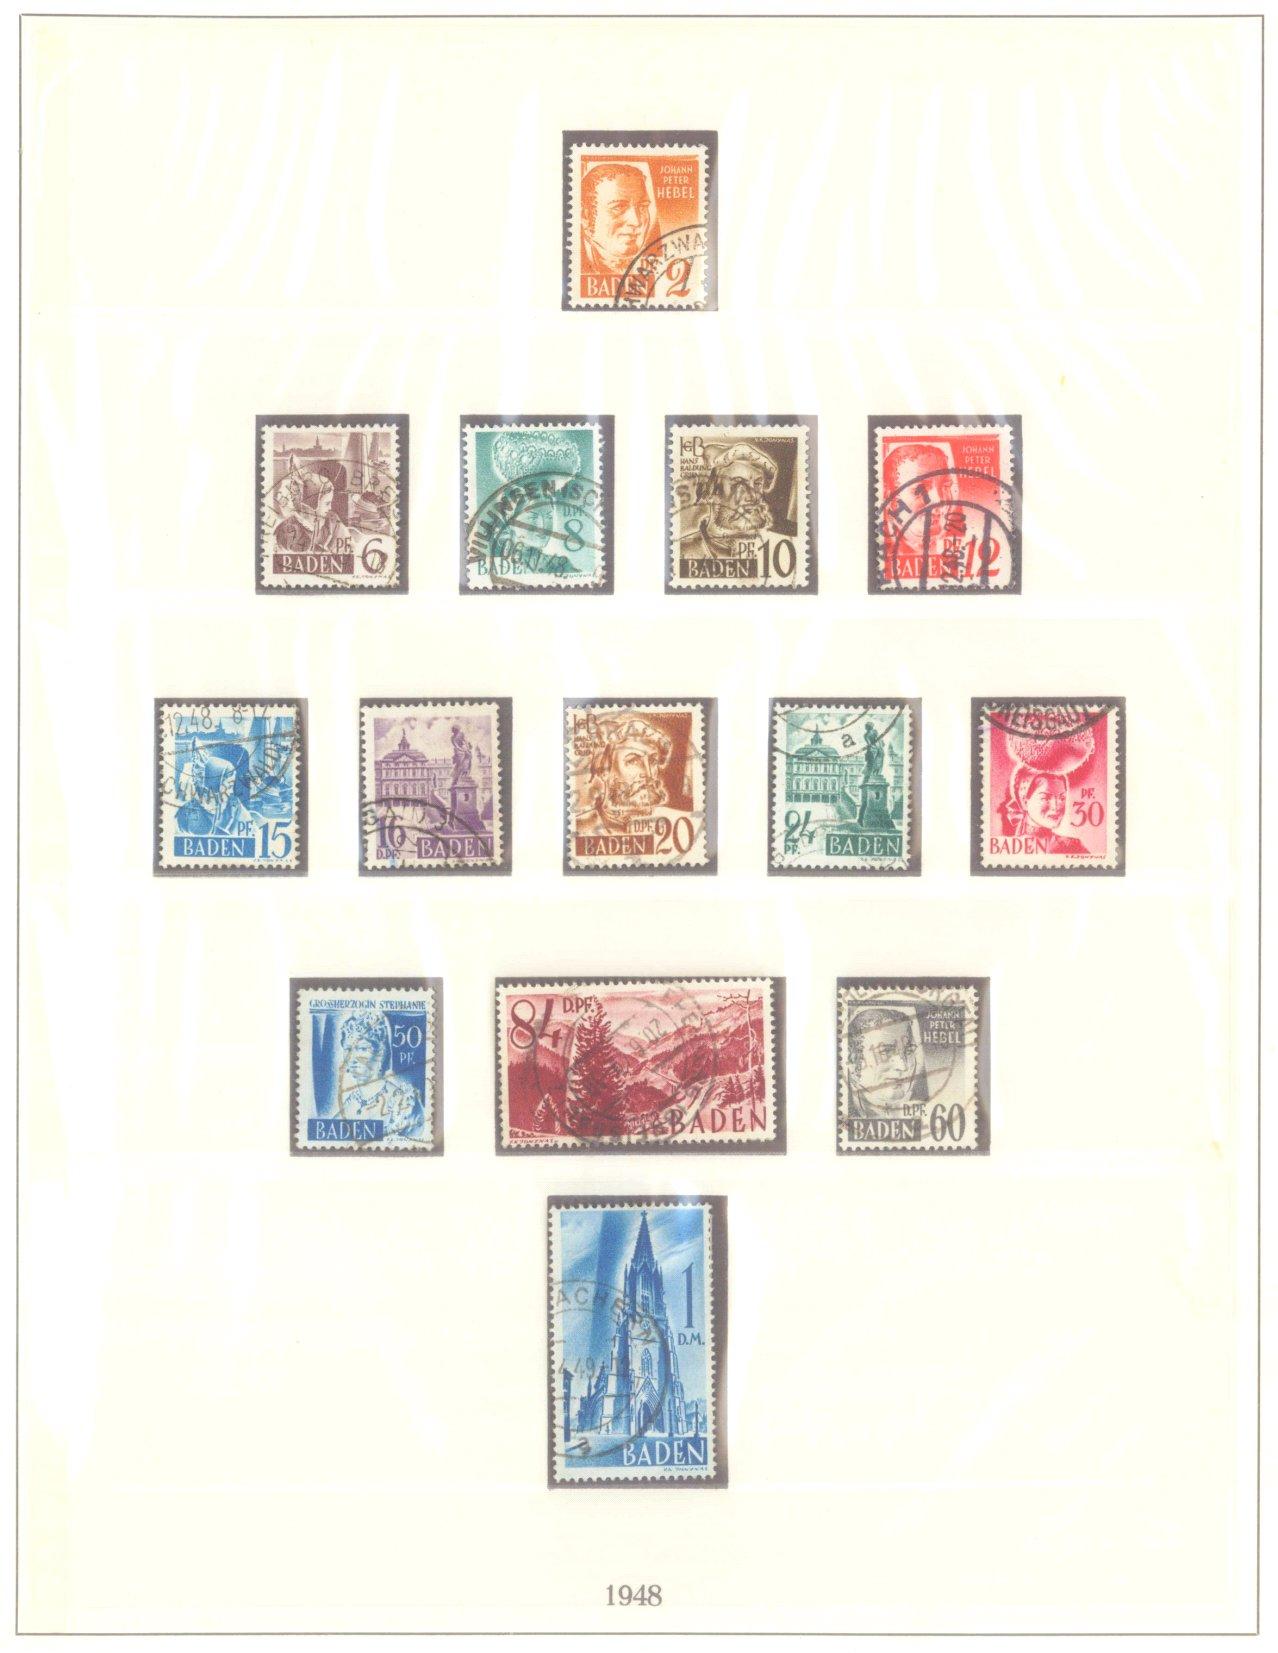 FRANZÖSISCHE ZONE BADEN 1947-1948, Freimarken (I-III)-1